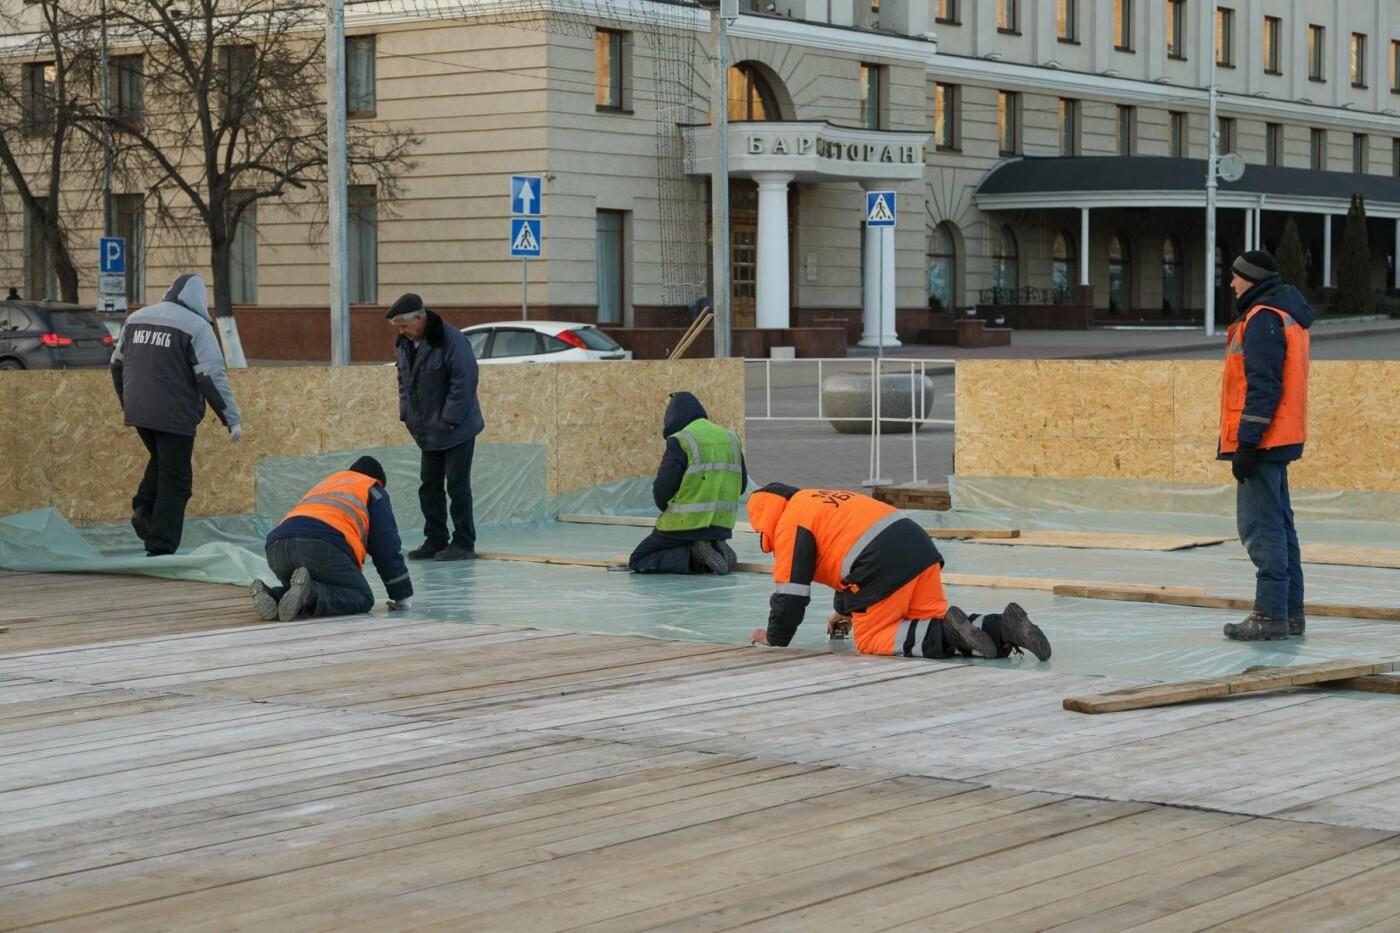 В соцсетях сообщили об установке ёлки на площади, но рабочие всё разобрали. Почему?, фото-12